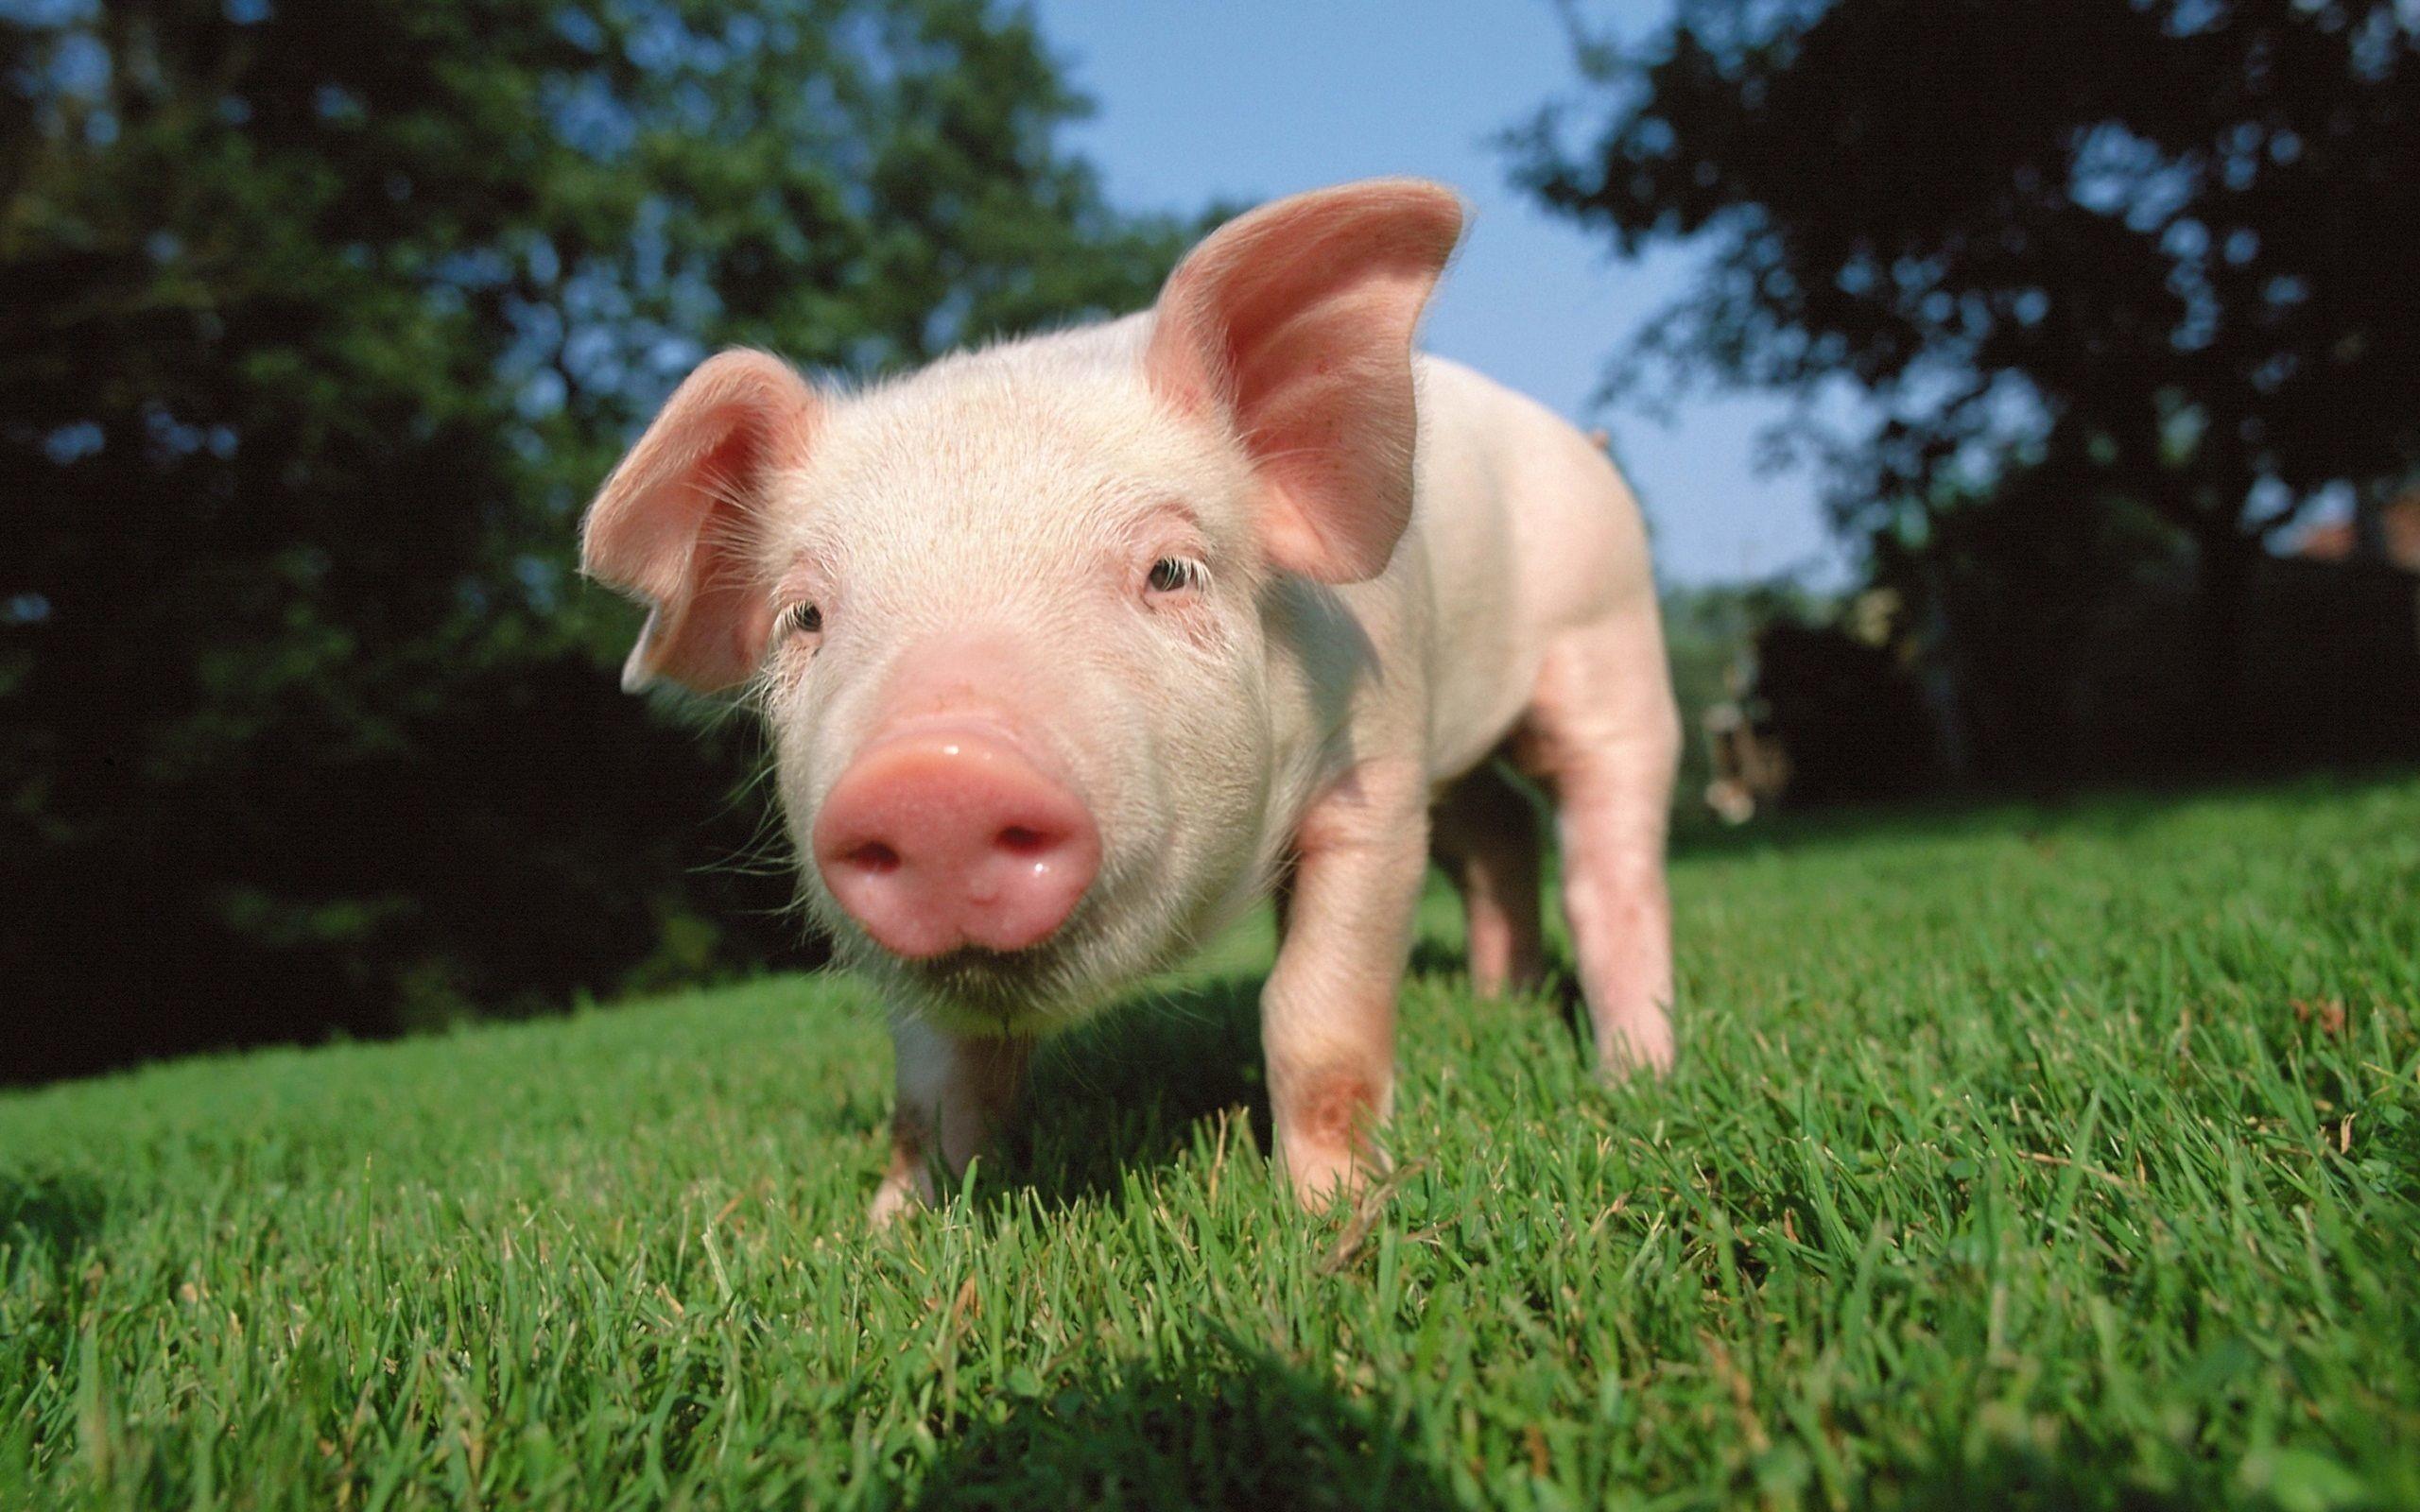 June 10, 2017: Pigs Wallpapers, 2560×1600